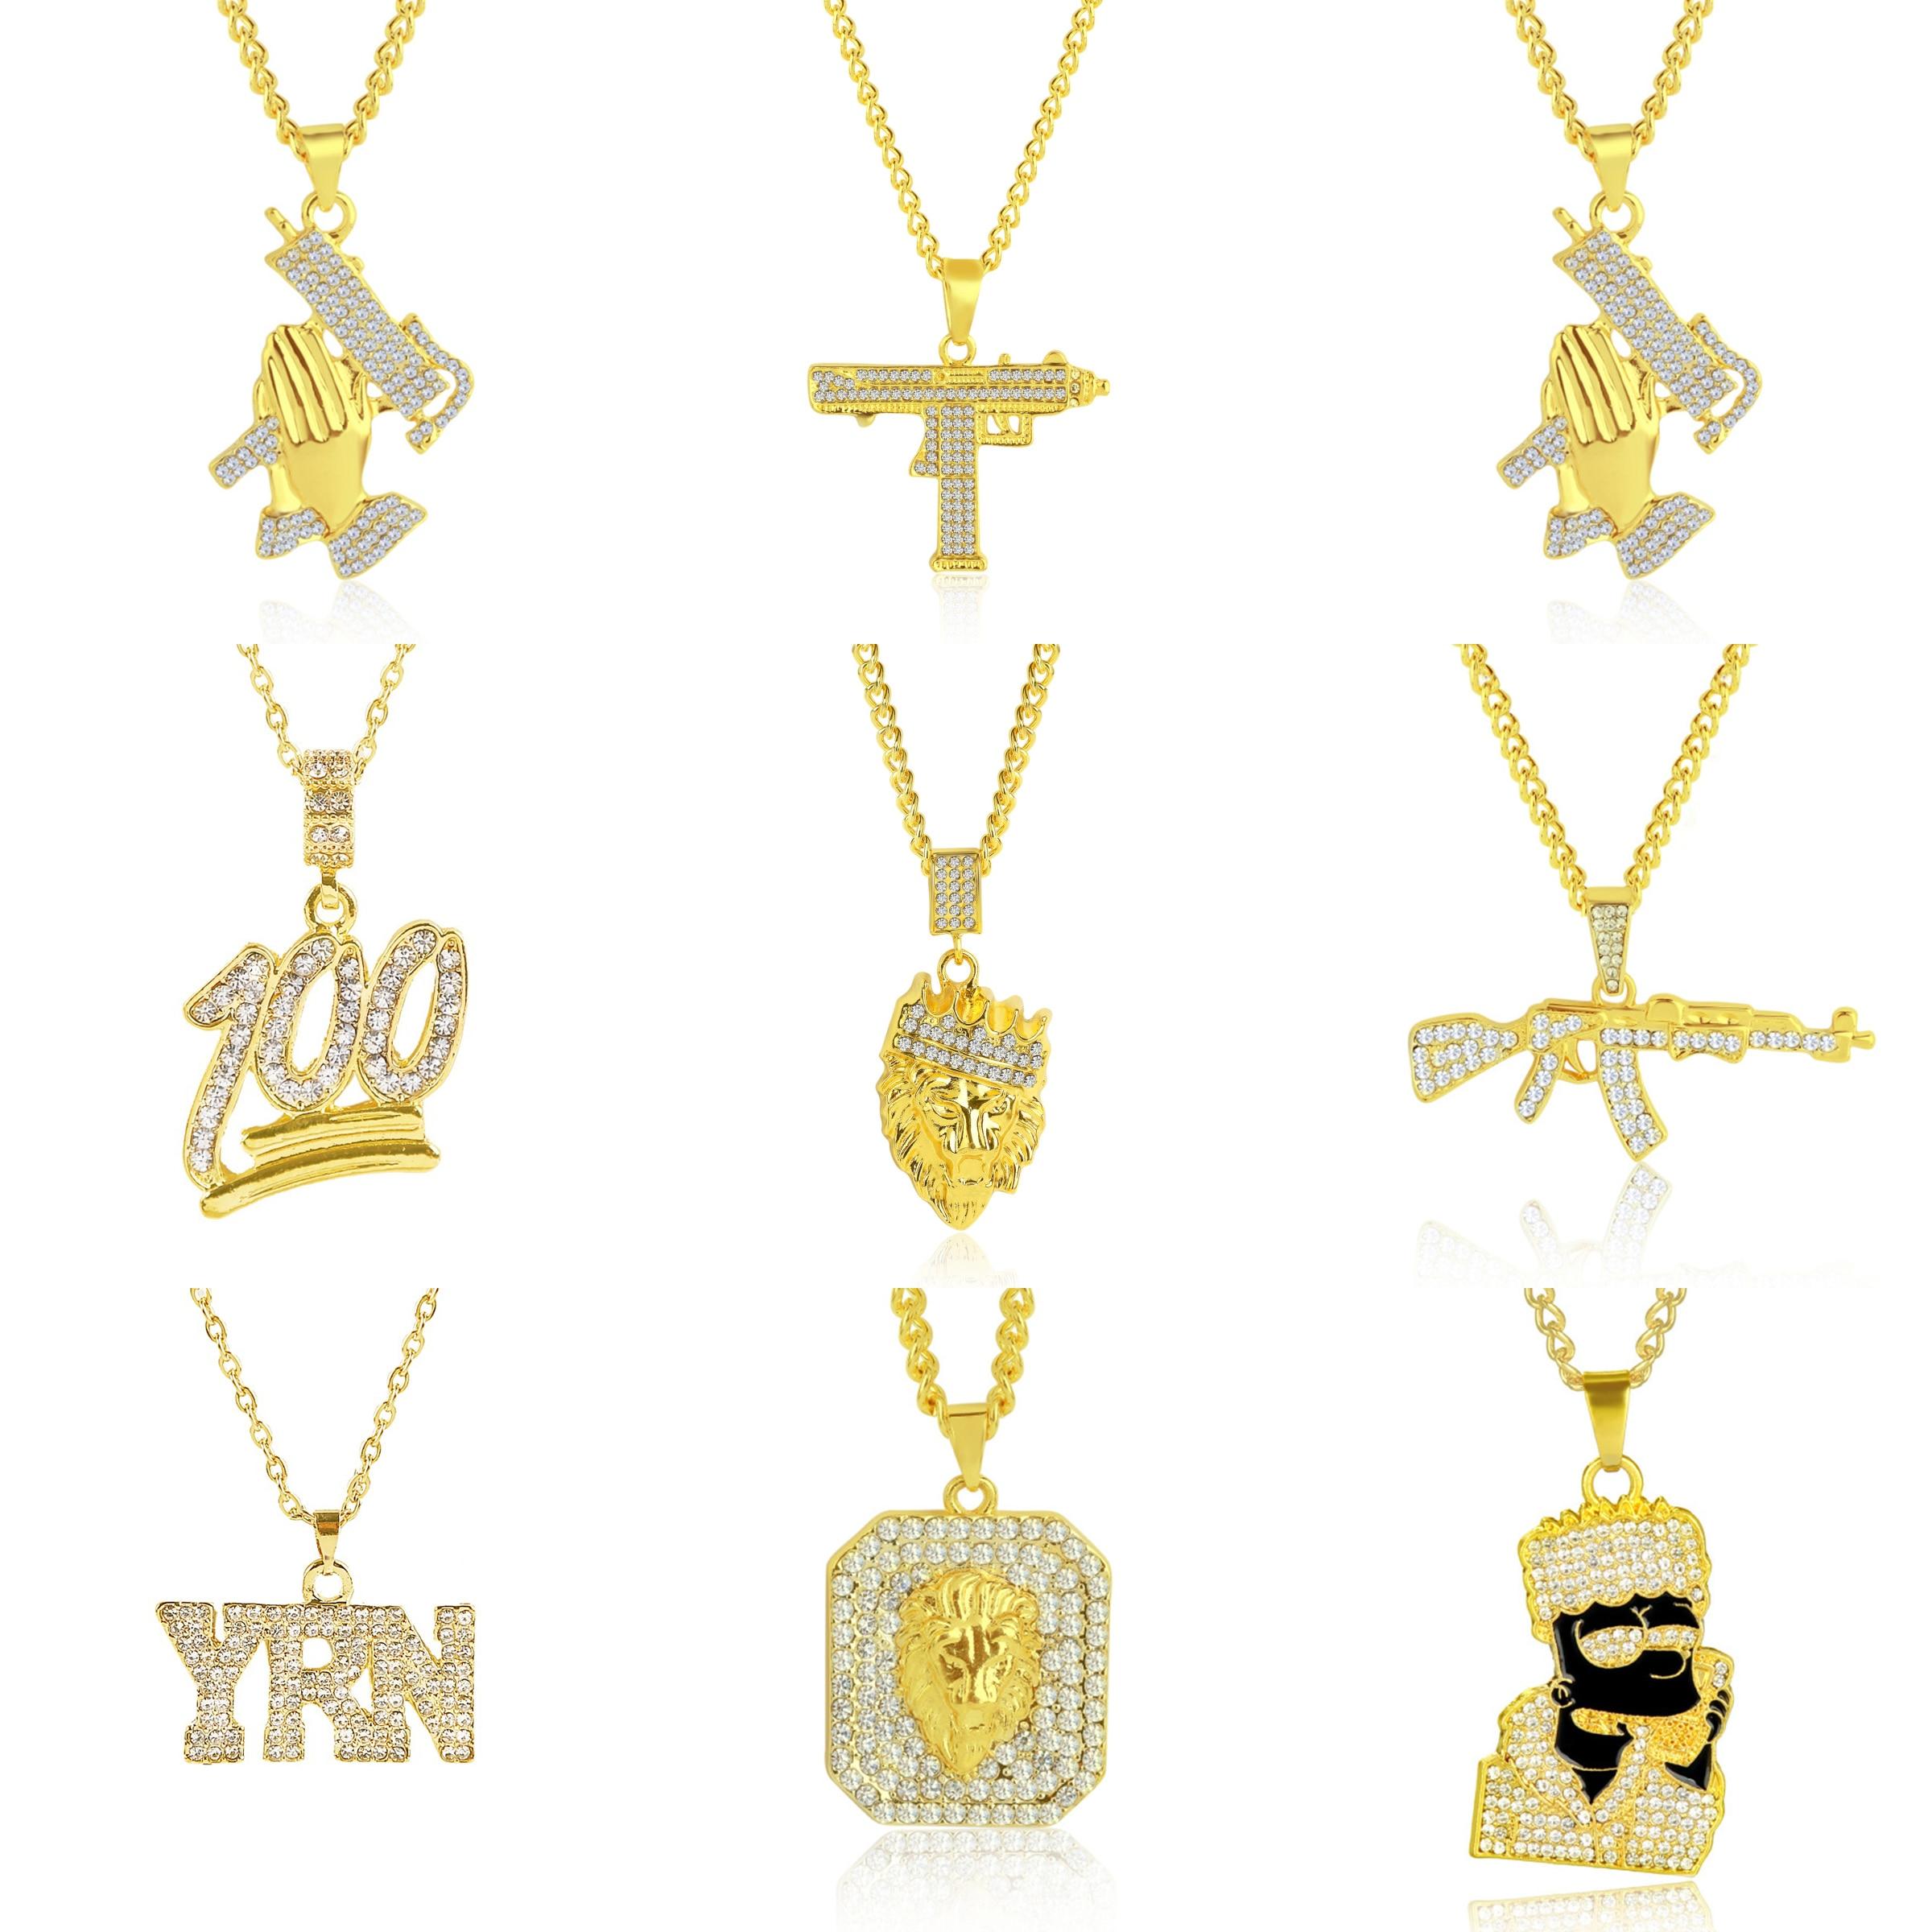 Collares con colgante de pistola UZI con personalidad para hombre y mujer, collar Hip Hop con cadena, joyería Punk a la moda, joyería para Club